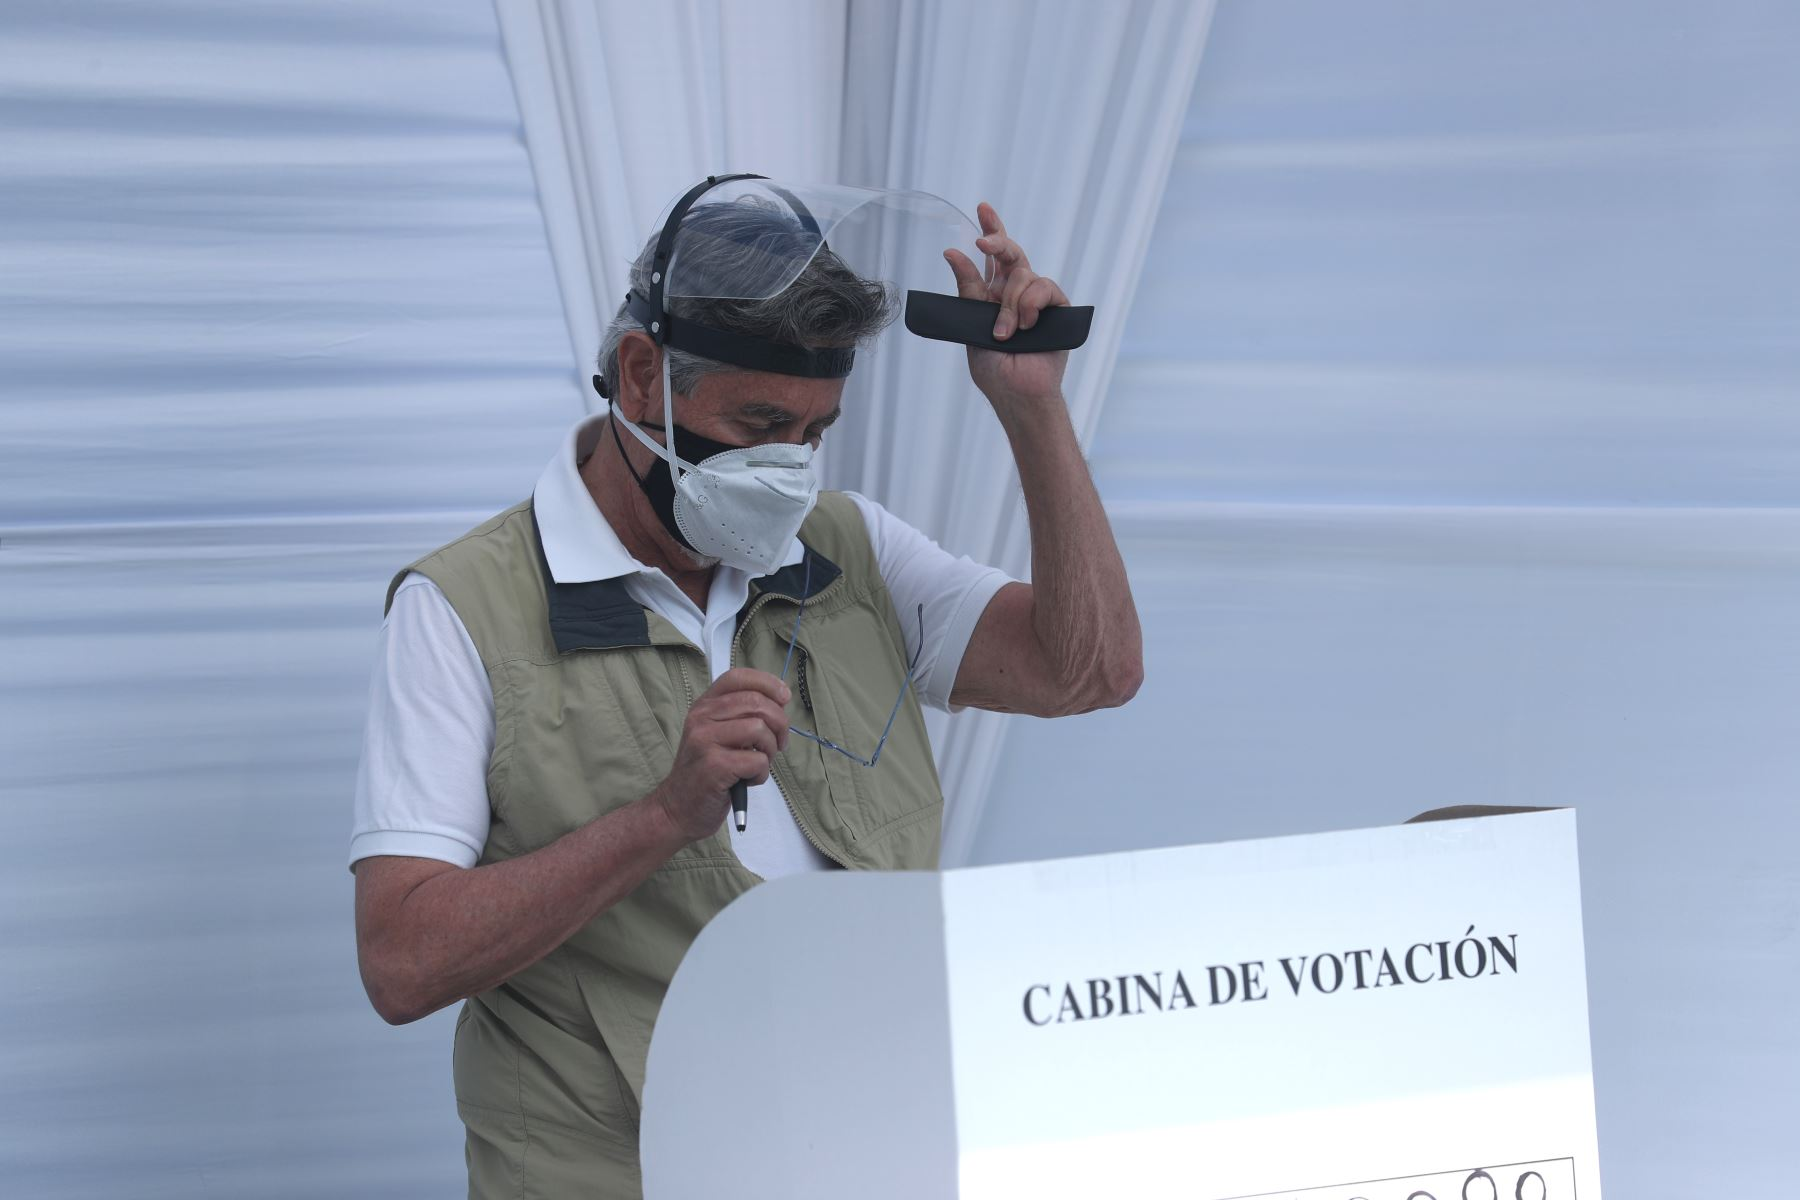 El presidente de la República, Francisco Sagasti, emitió su voto en el colegio Virgen del Carmen en el distrito de La Molina. Foto: ANDINA/ Prensa Presidencia